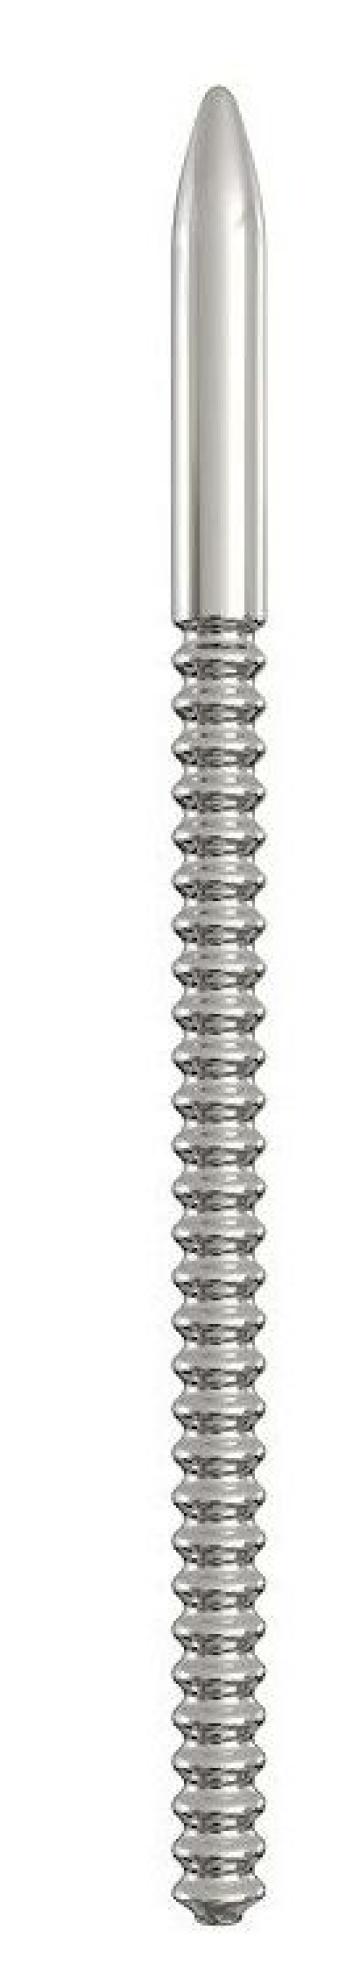 Серебристый уретральный винтовой плаг - 14,9 см.